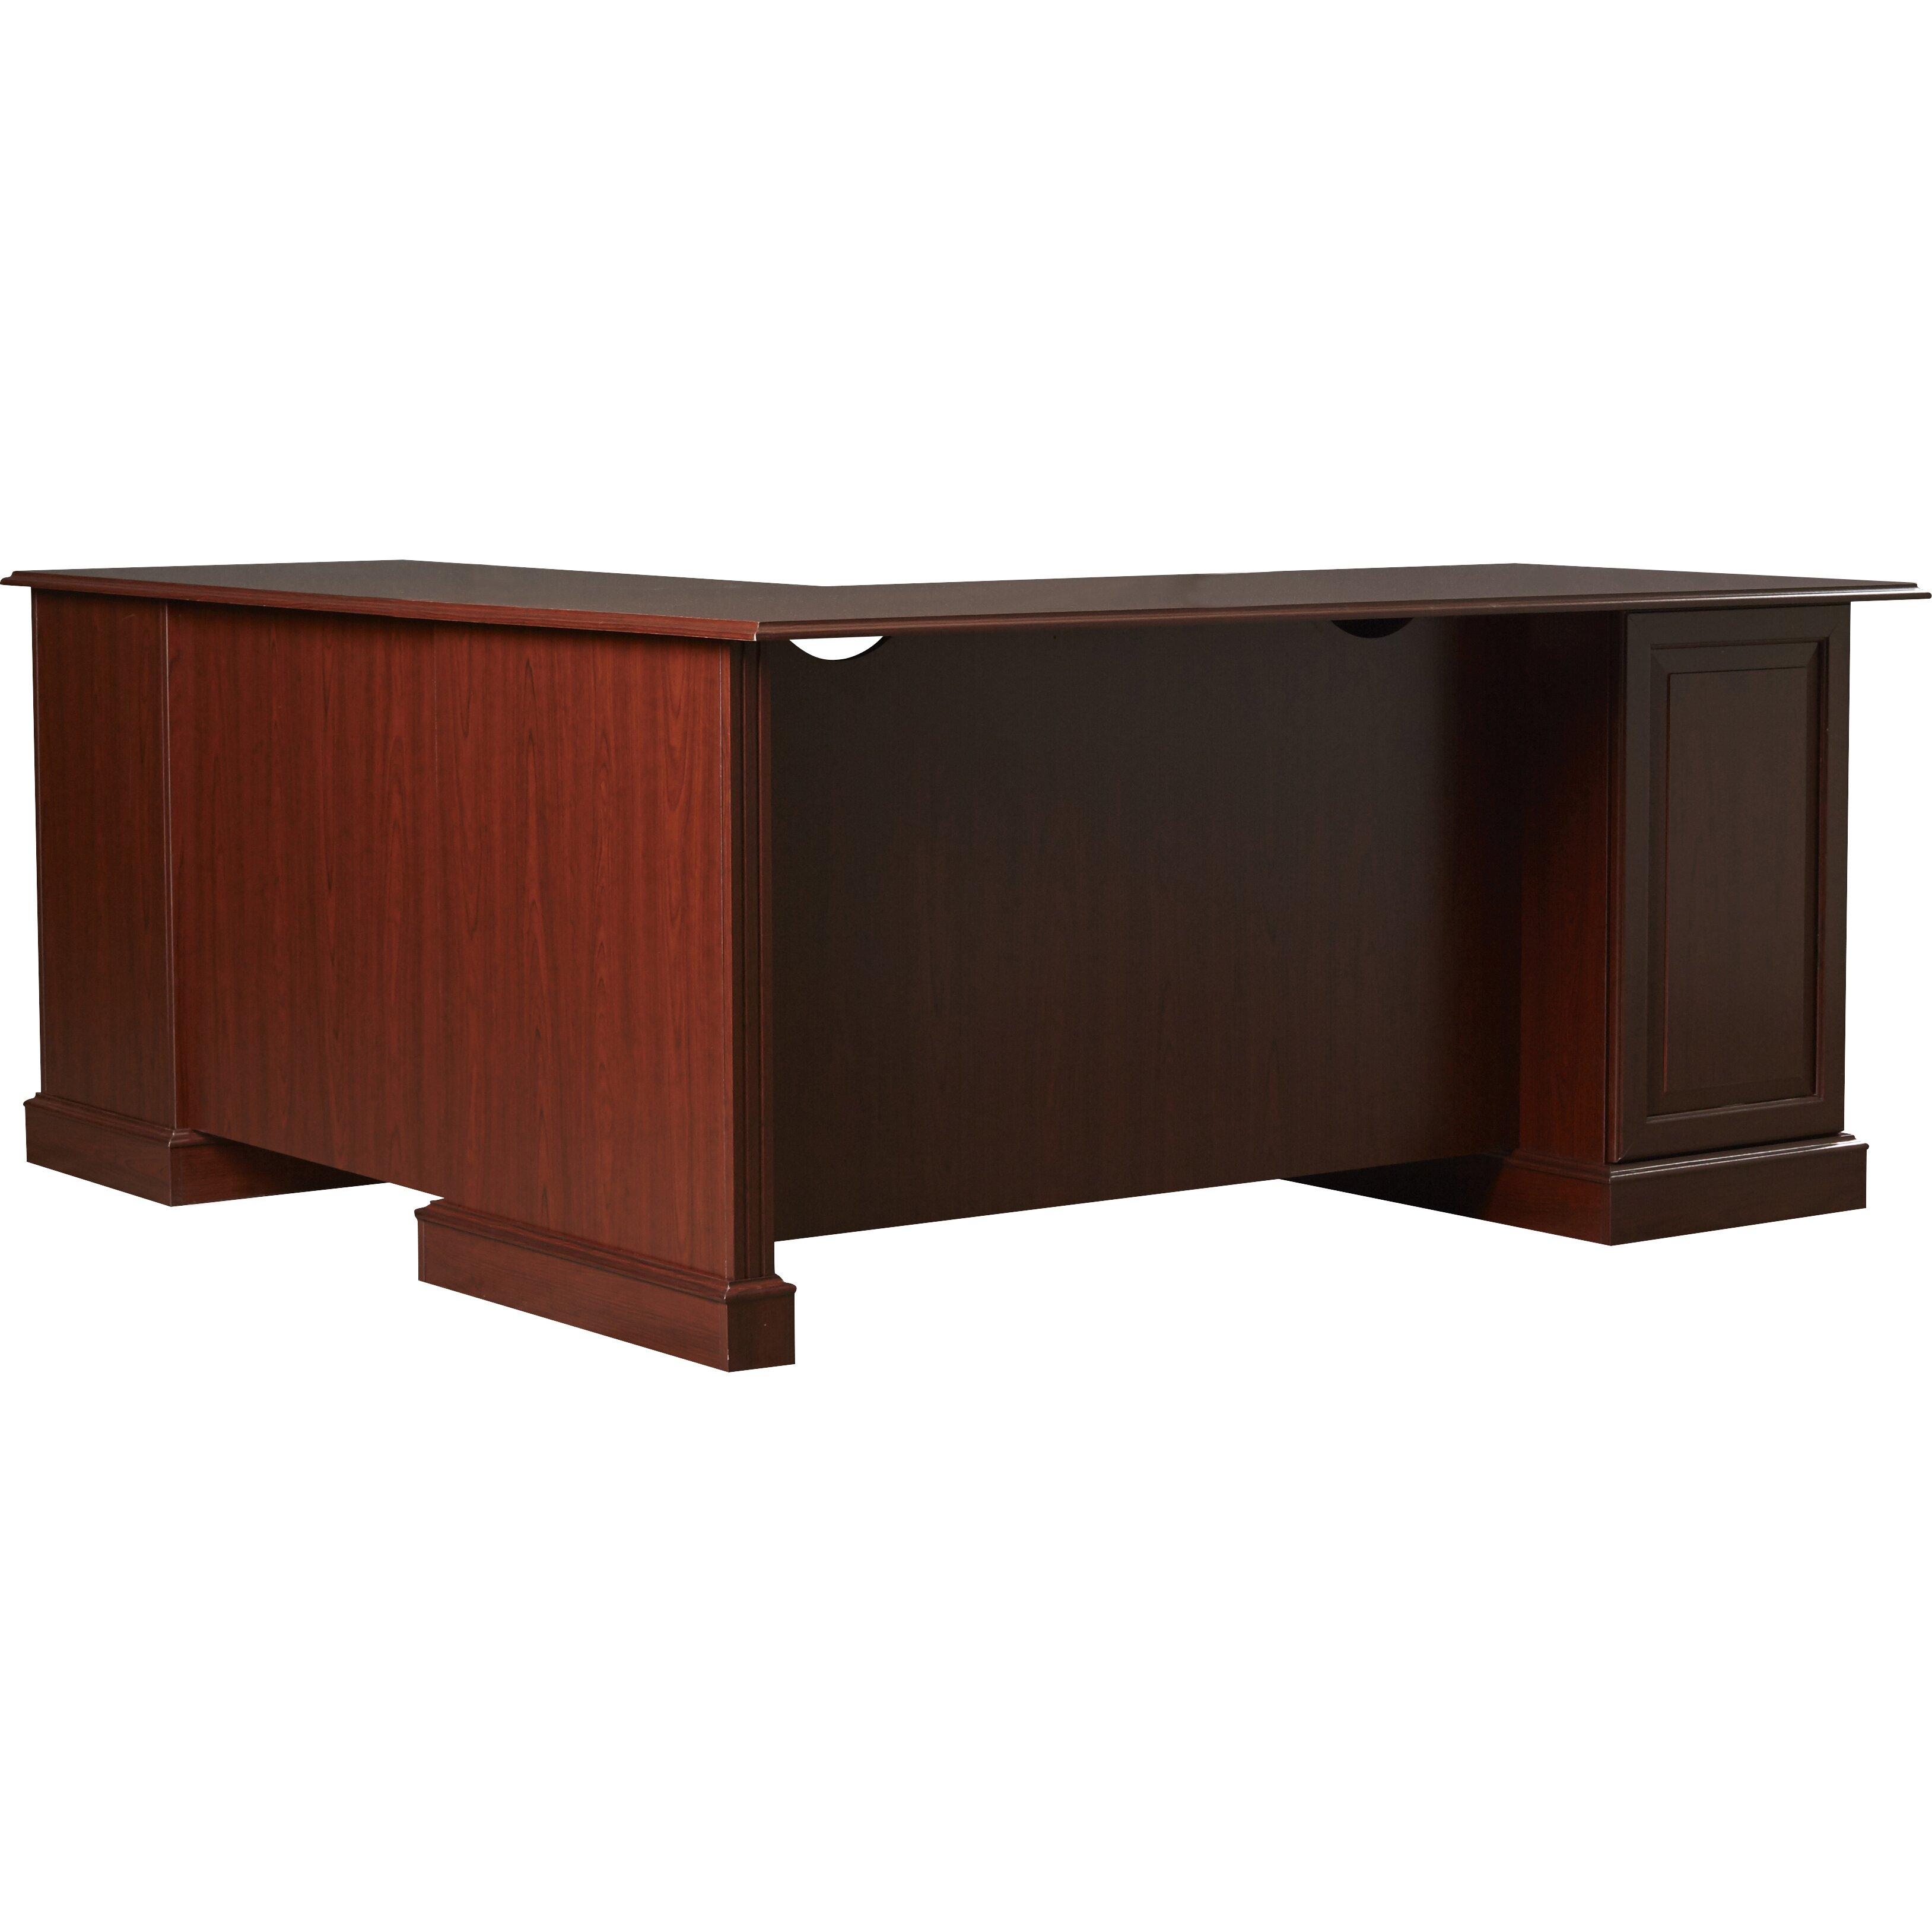 astoria grand cowdray 71 quot l shaped executive l desk reviews wayfair